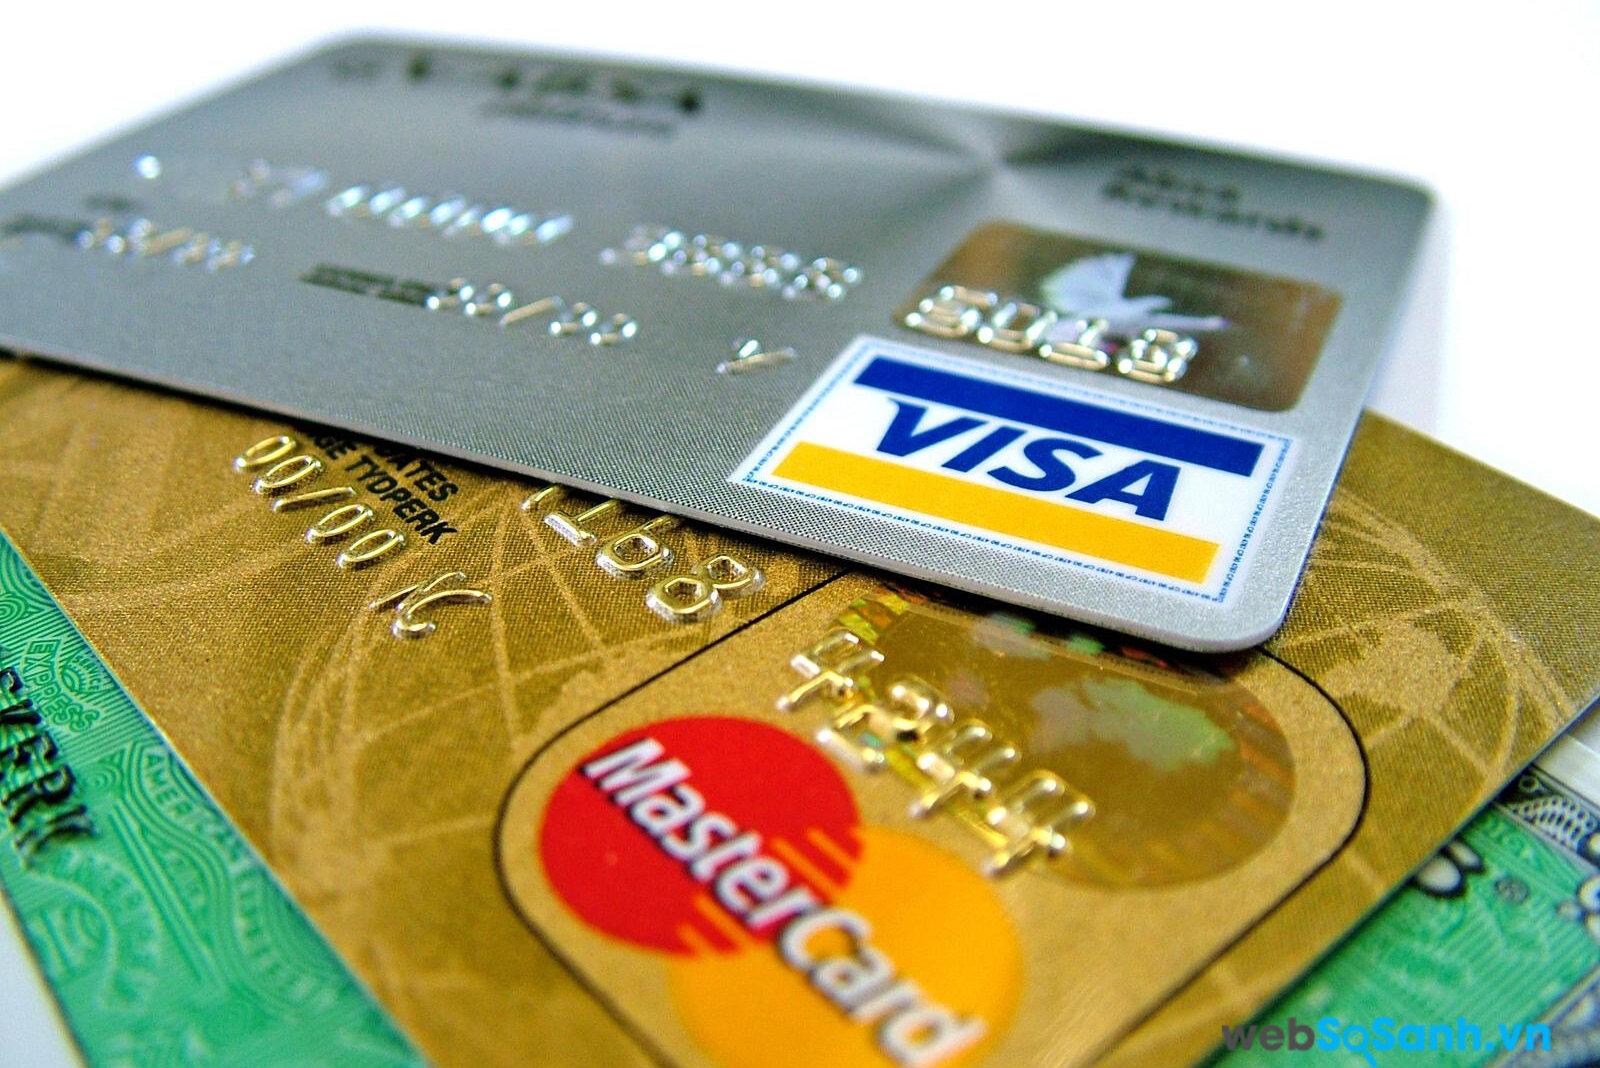 VISA, Mastercard, AMEX là những thẻ thanh toán quốc tế kahs phổ biến